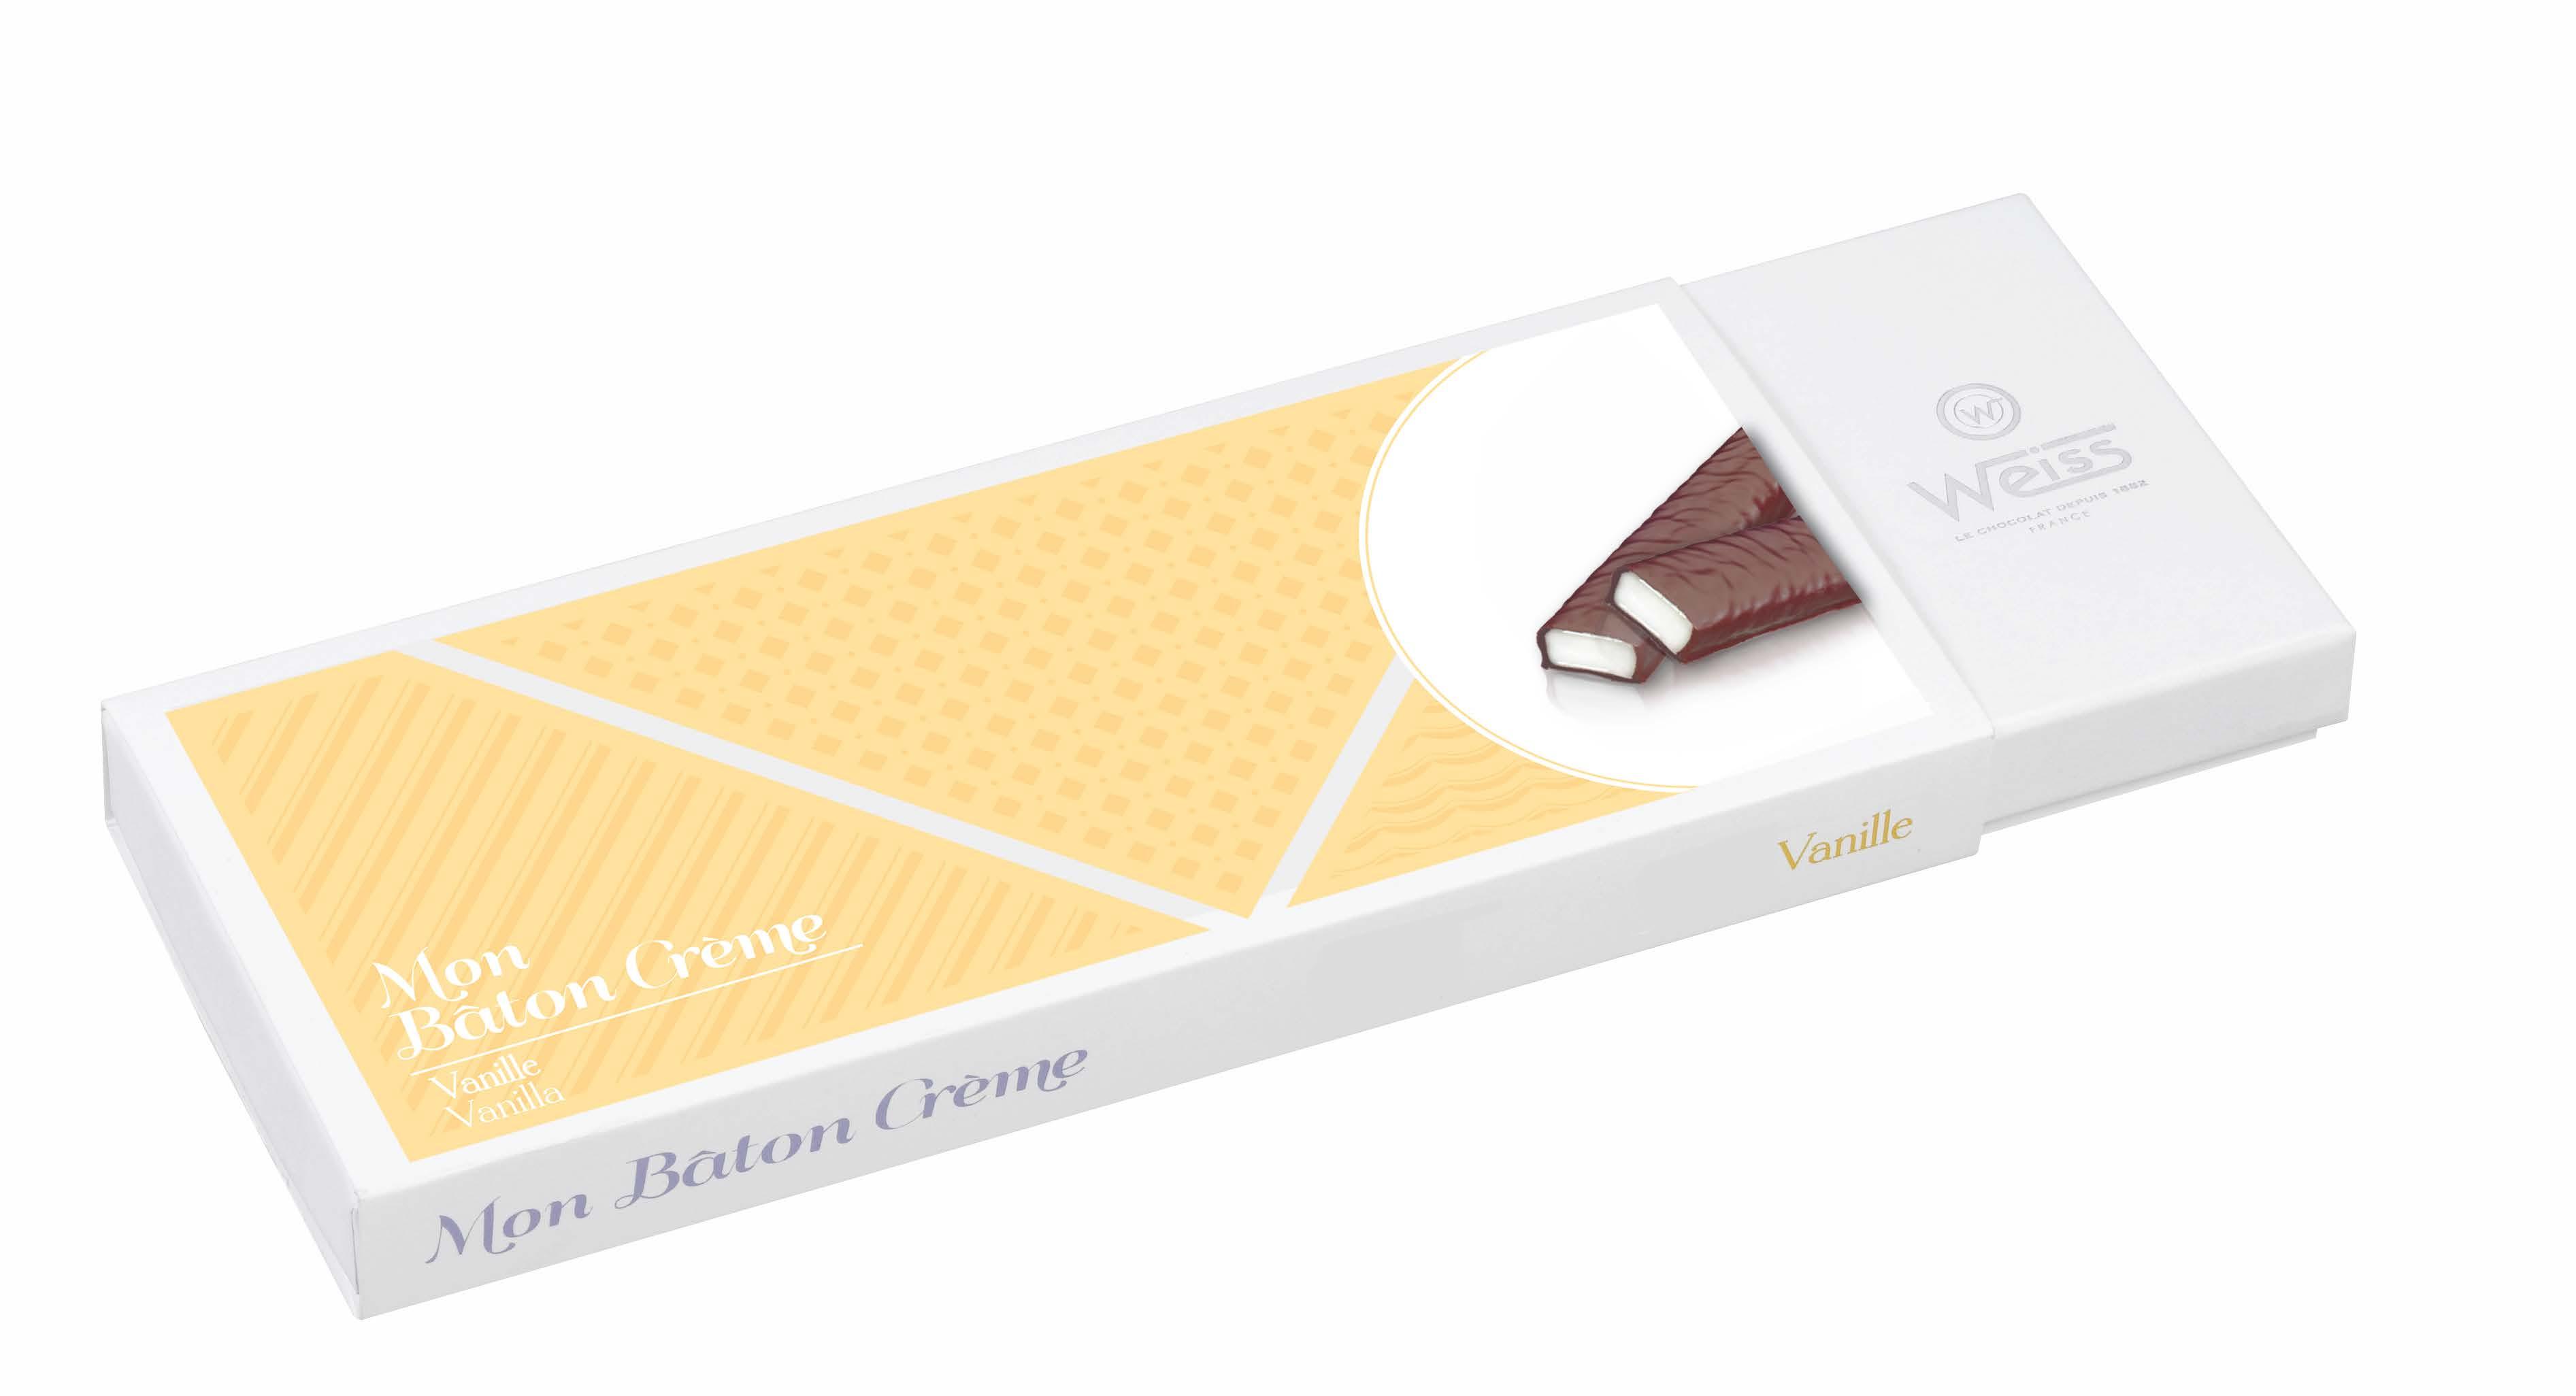 Coffret de bâtons crème vanille, Weiss (240 g)